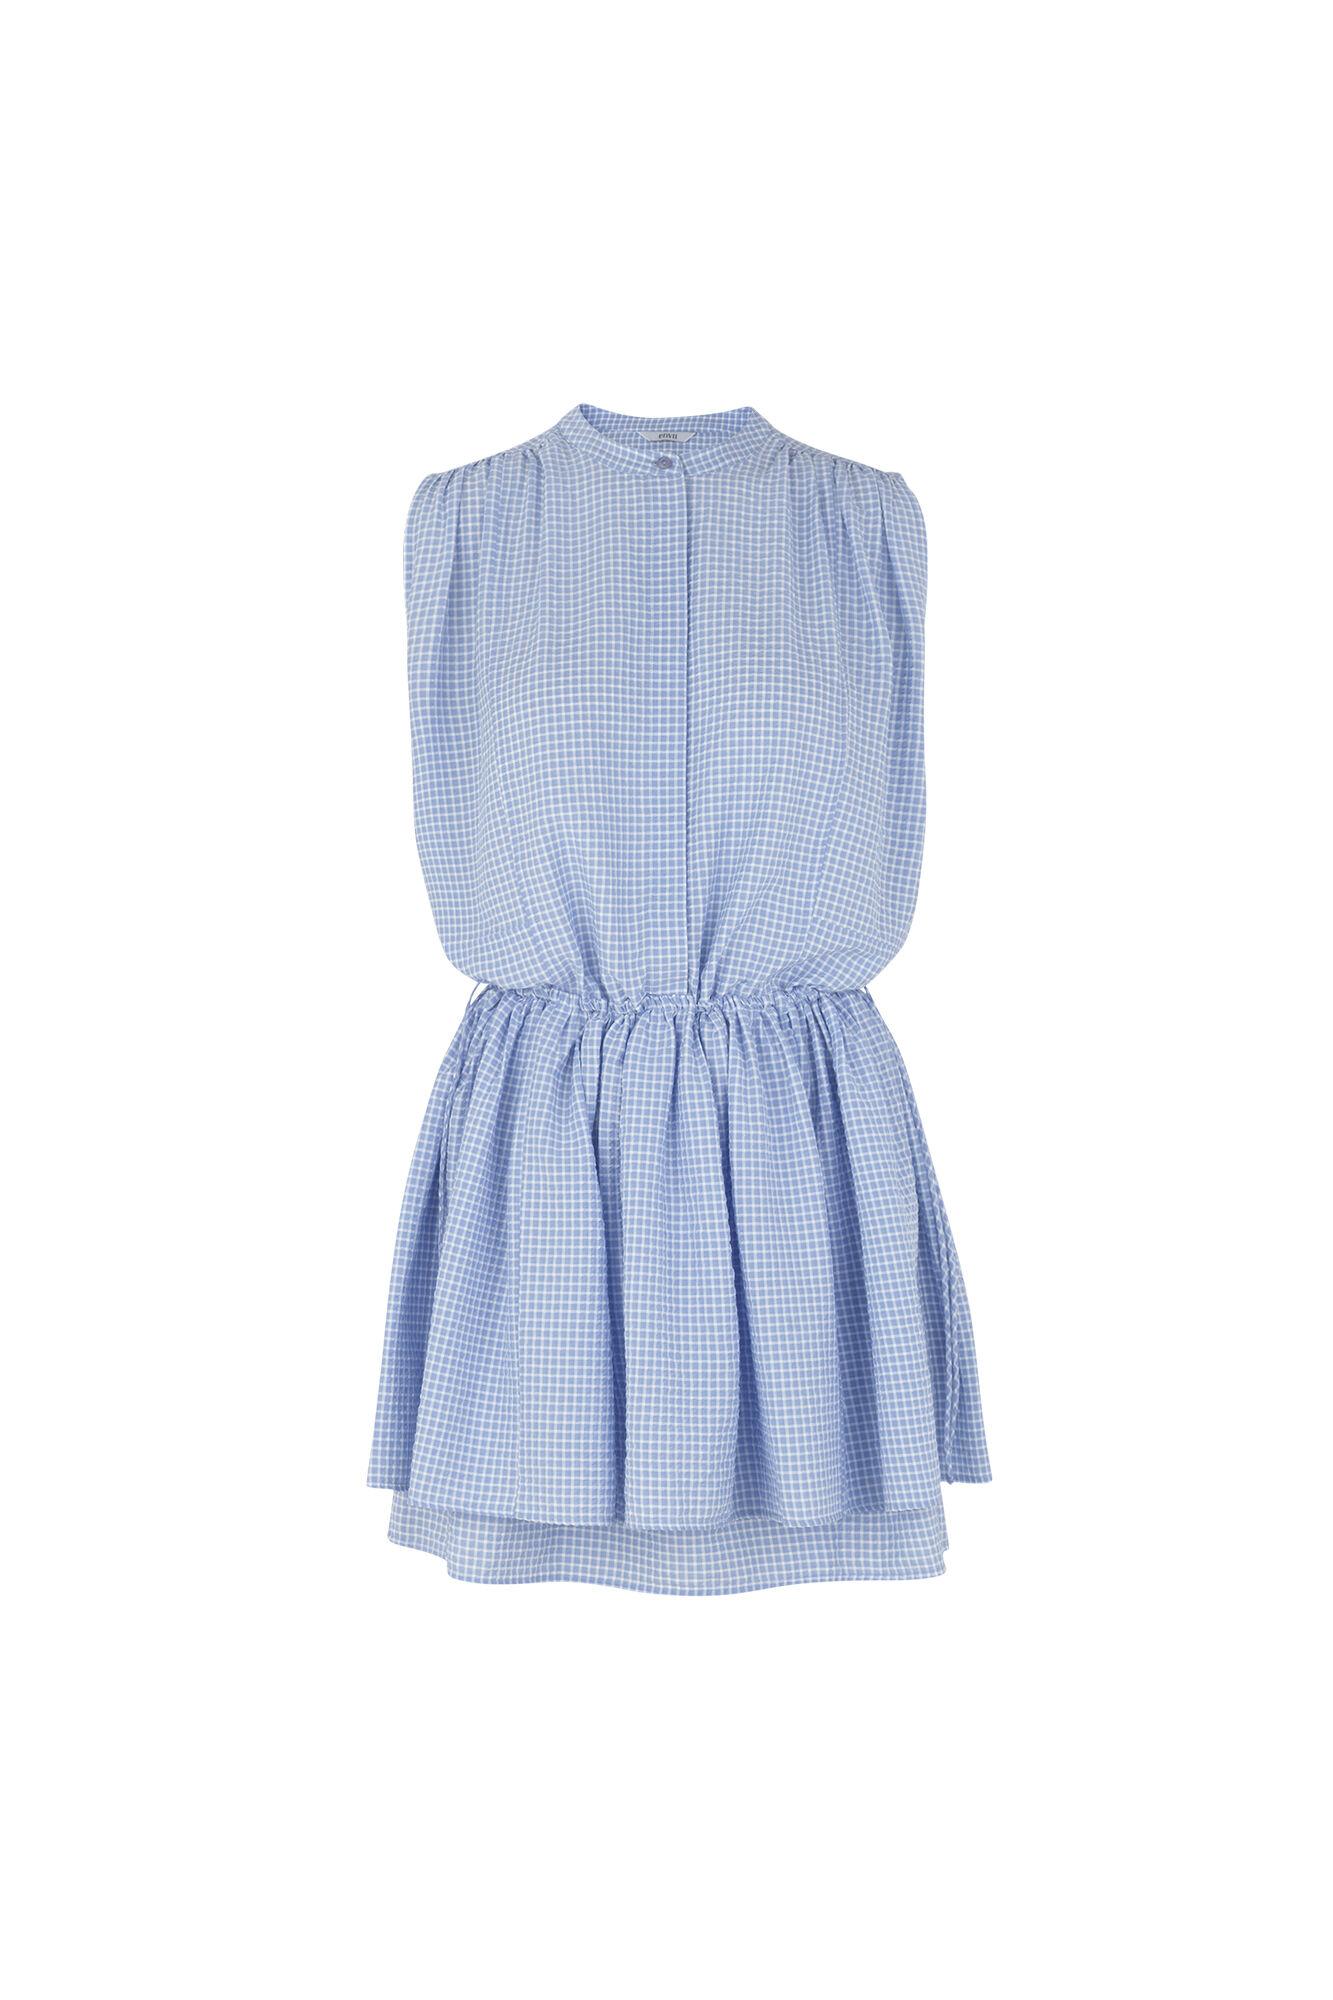 ENCITRUS SL DRESS 6680